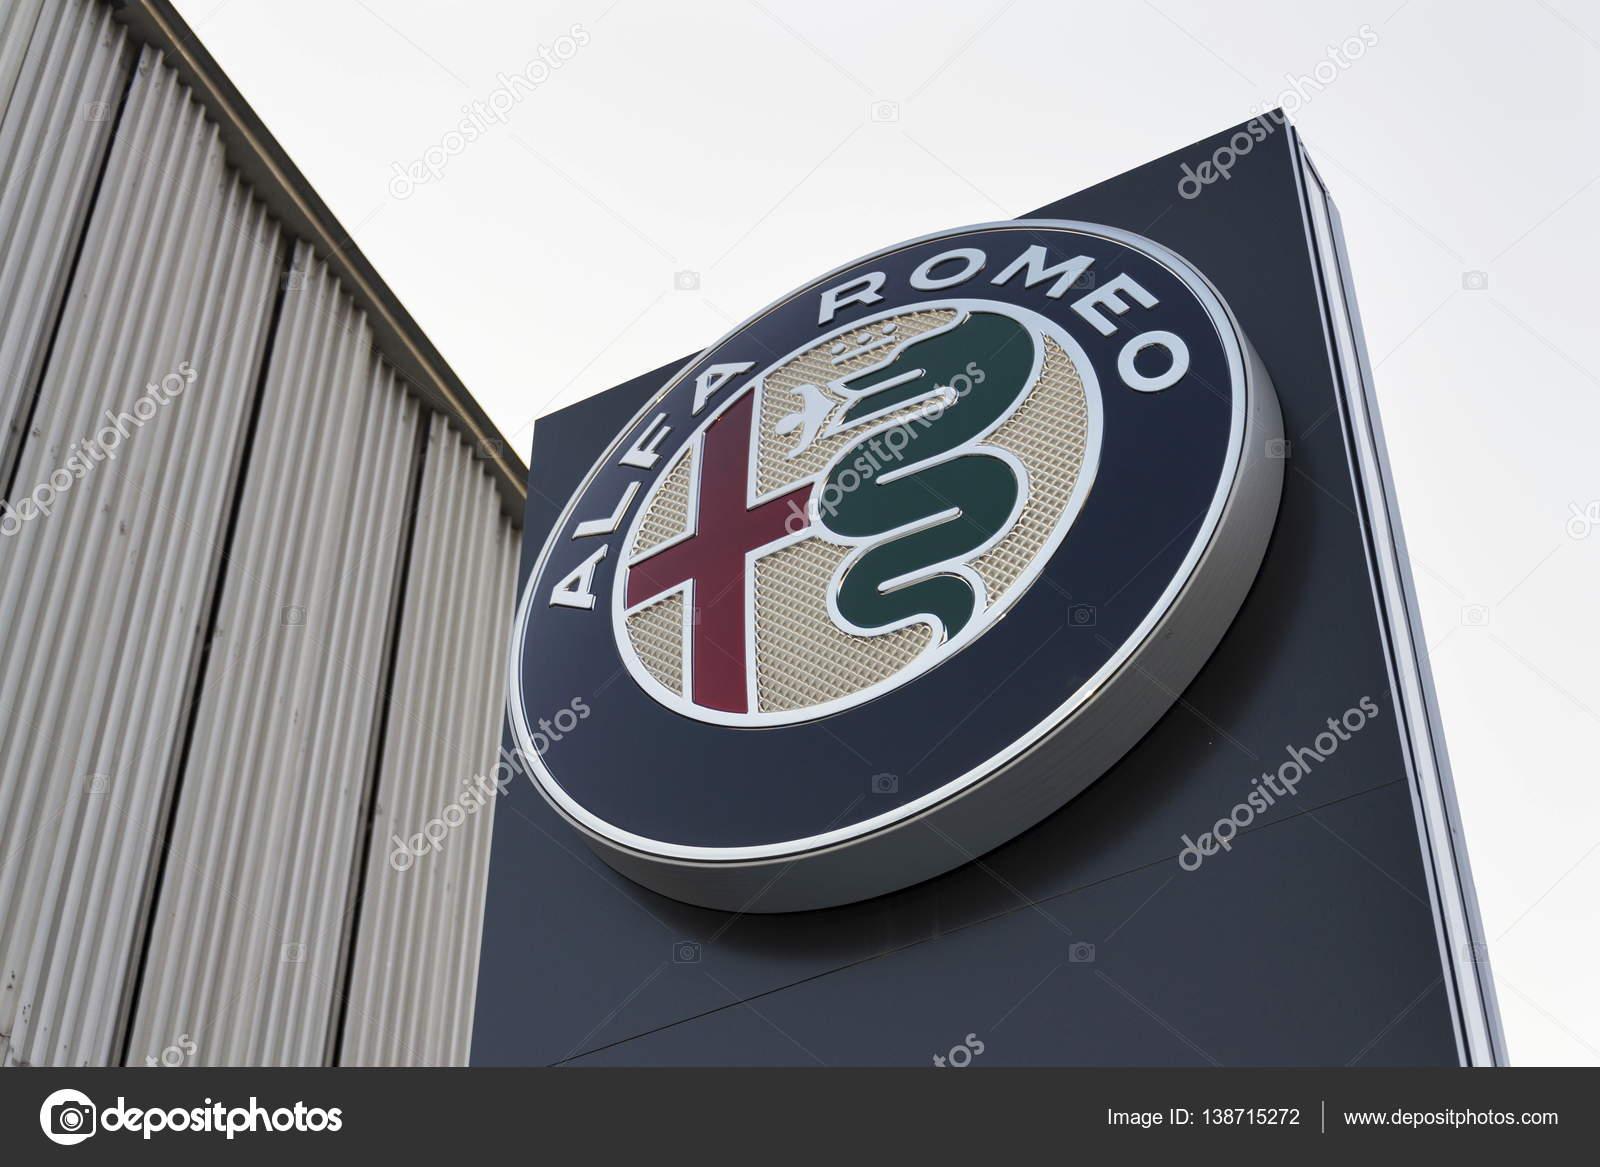 Alfa Romeo Auto Logo Op Dealer Voortbouwend Op 20 Januari 2017 In